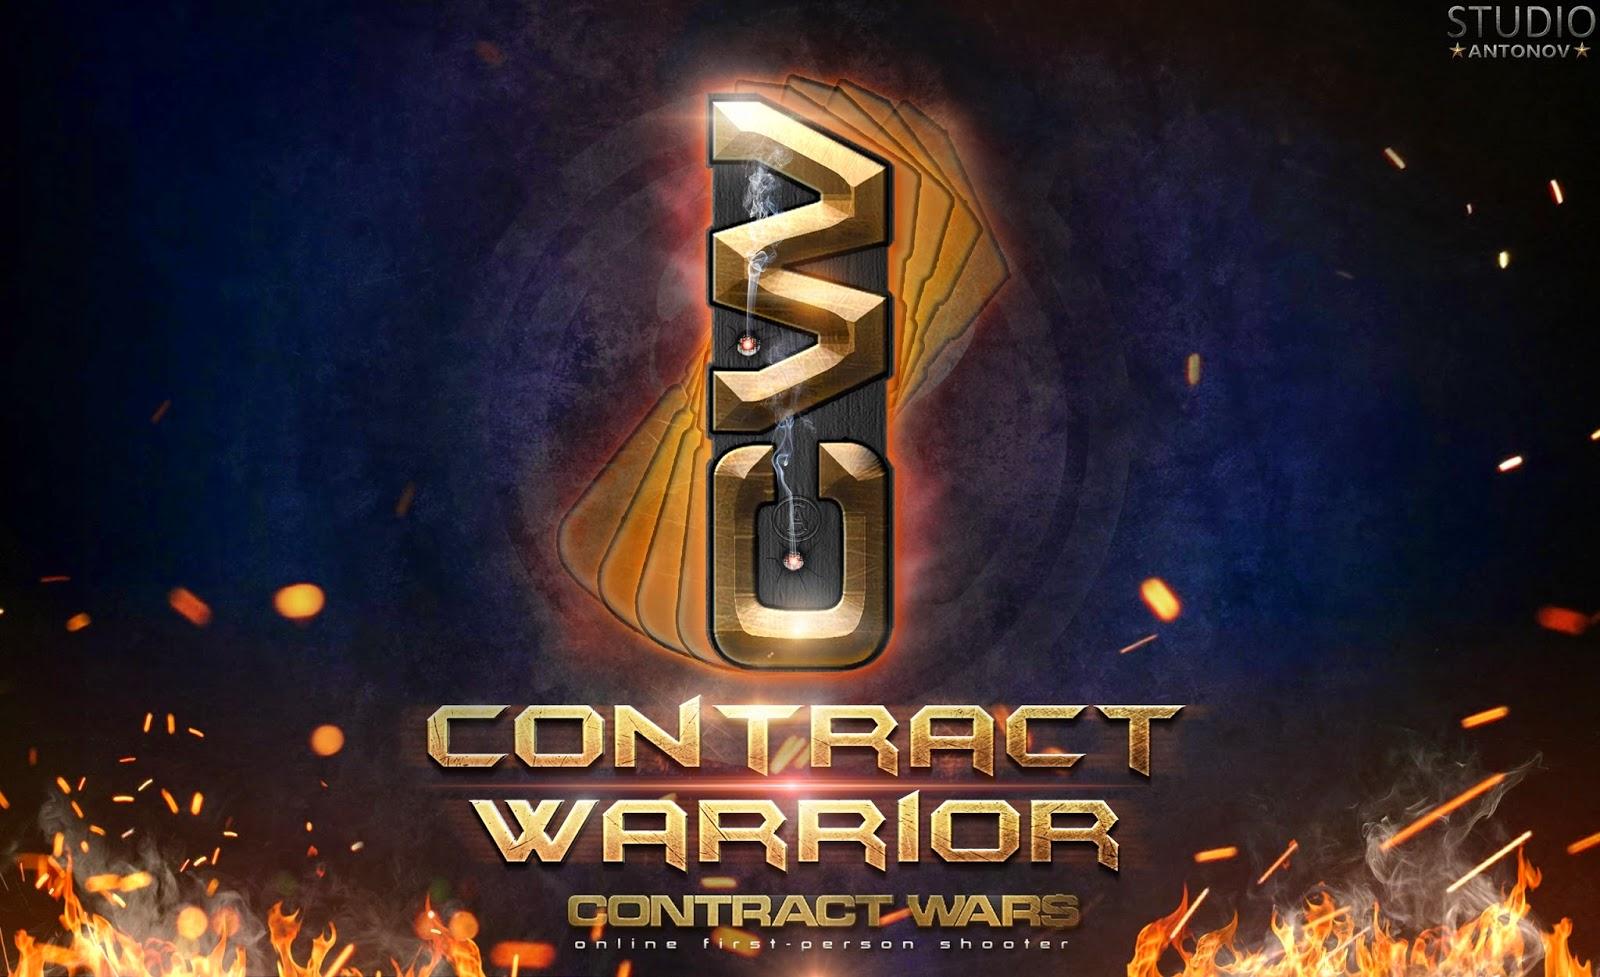 wallpaper contract wars online - photo #11